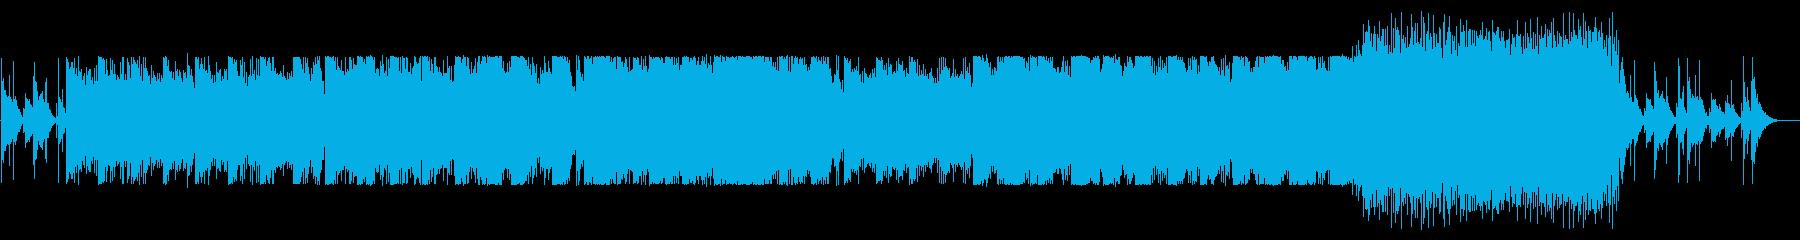 再帰的。エンニオ・モリコーネの映画音楽。の再生済みの波形